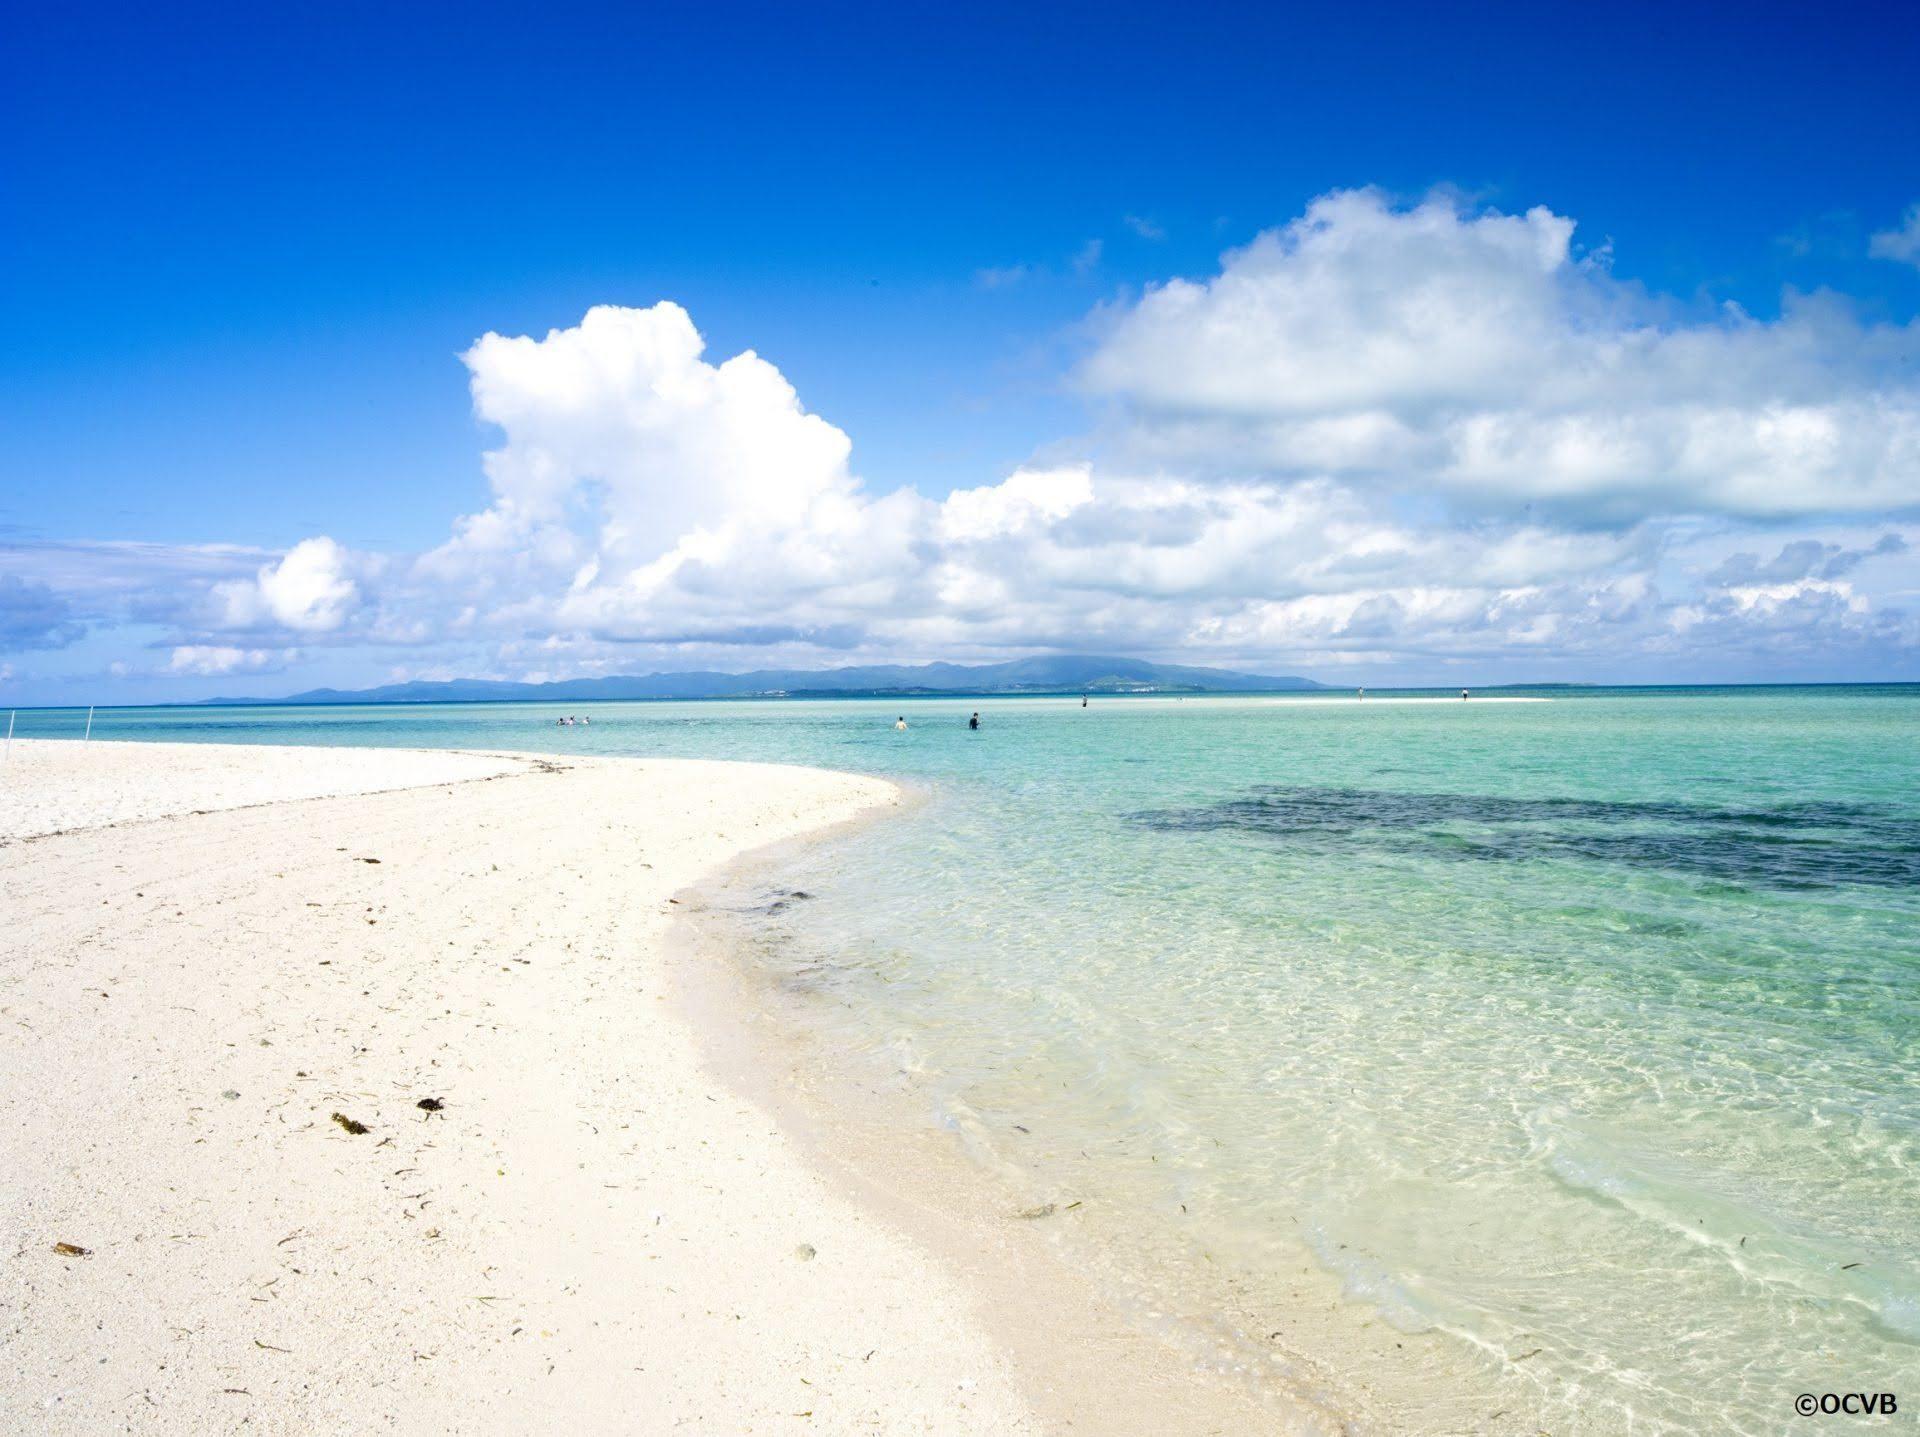 コンドイビーチ 竹富島 沖縄 おすすめ ビーチ 離島 旅行